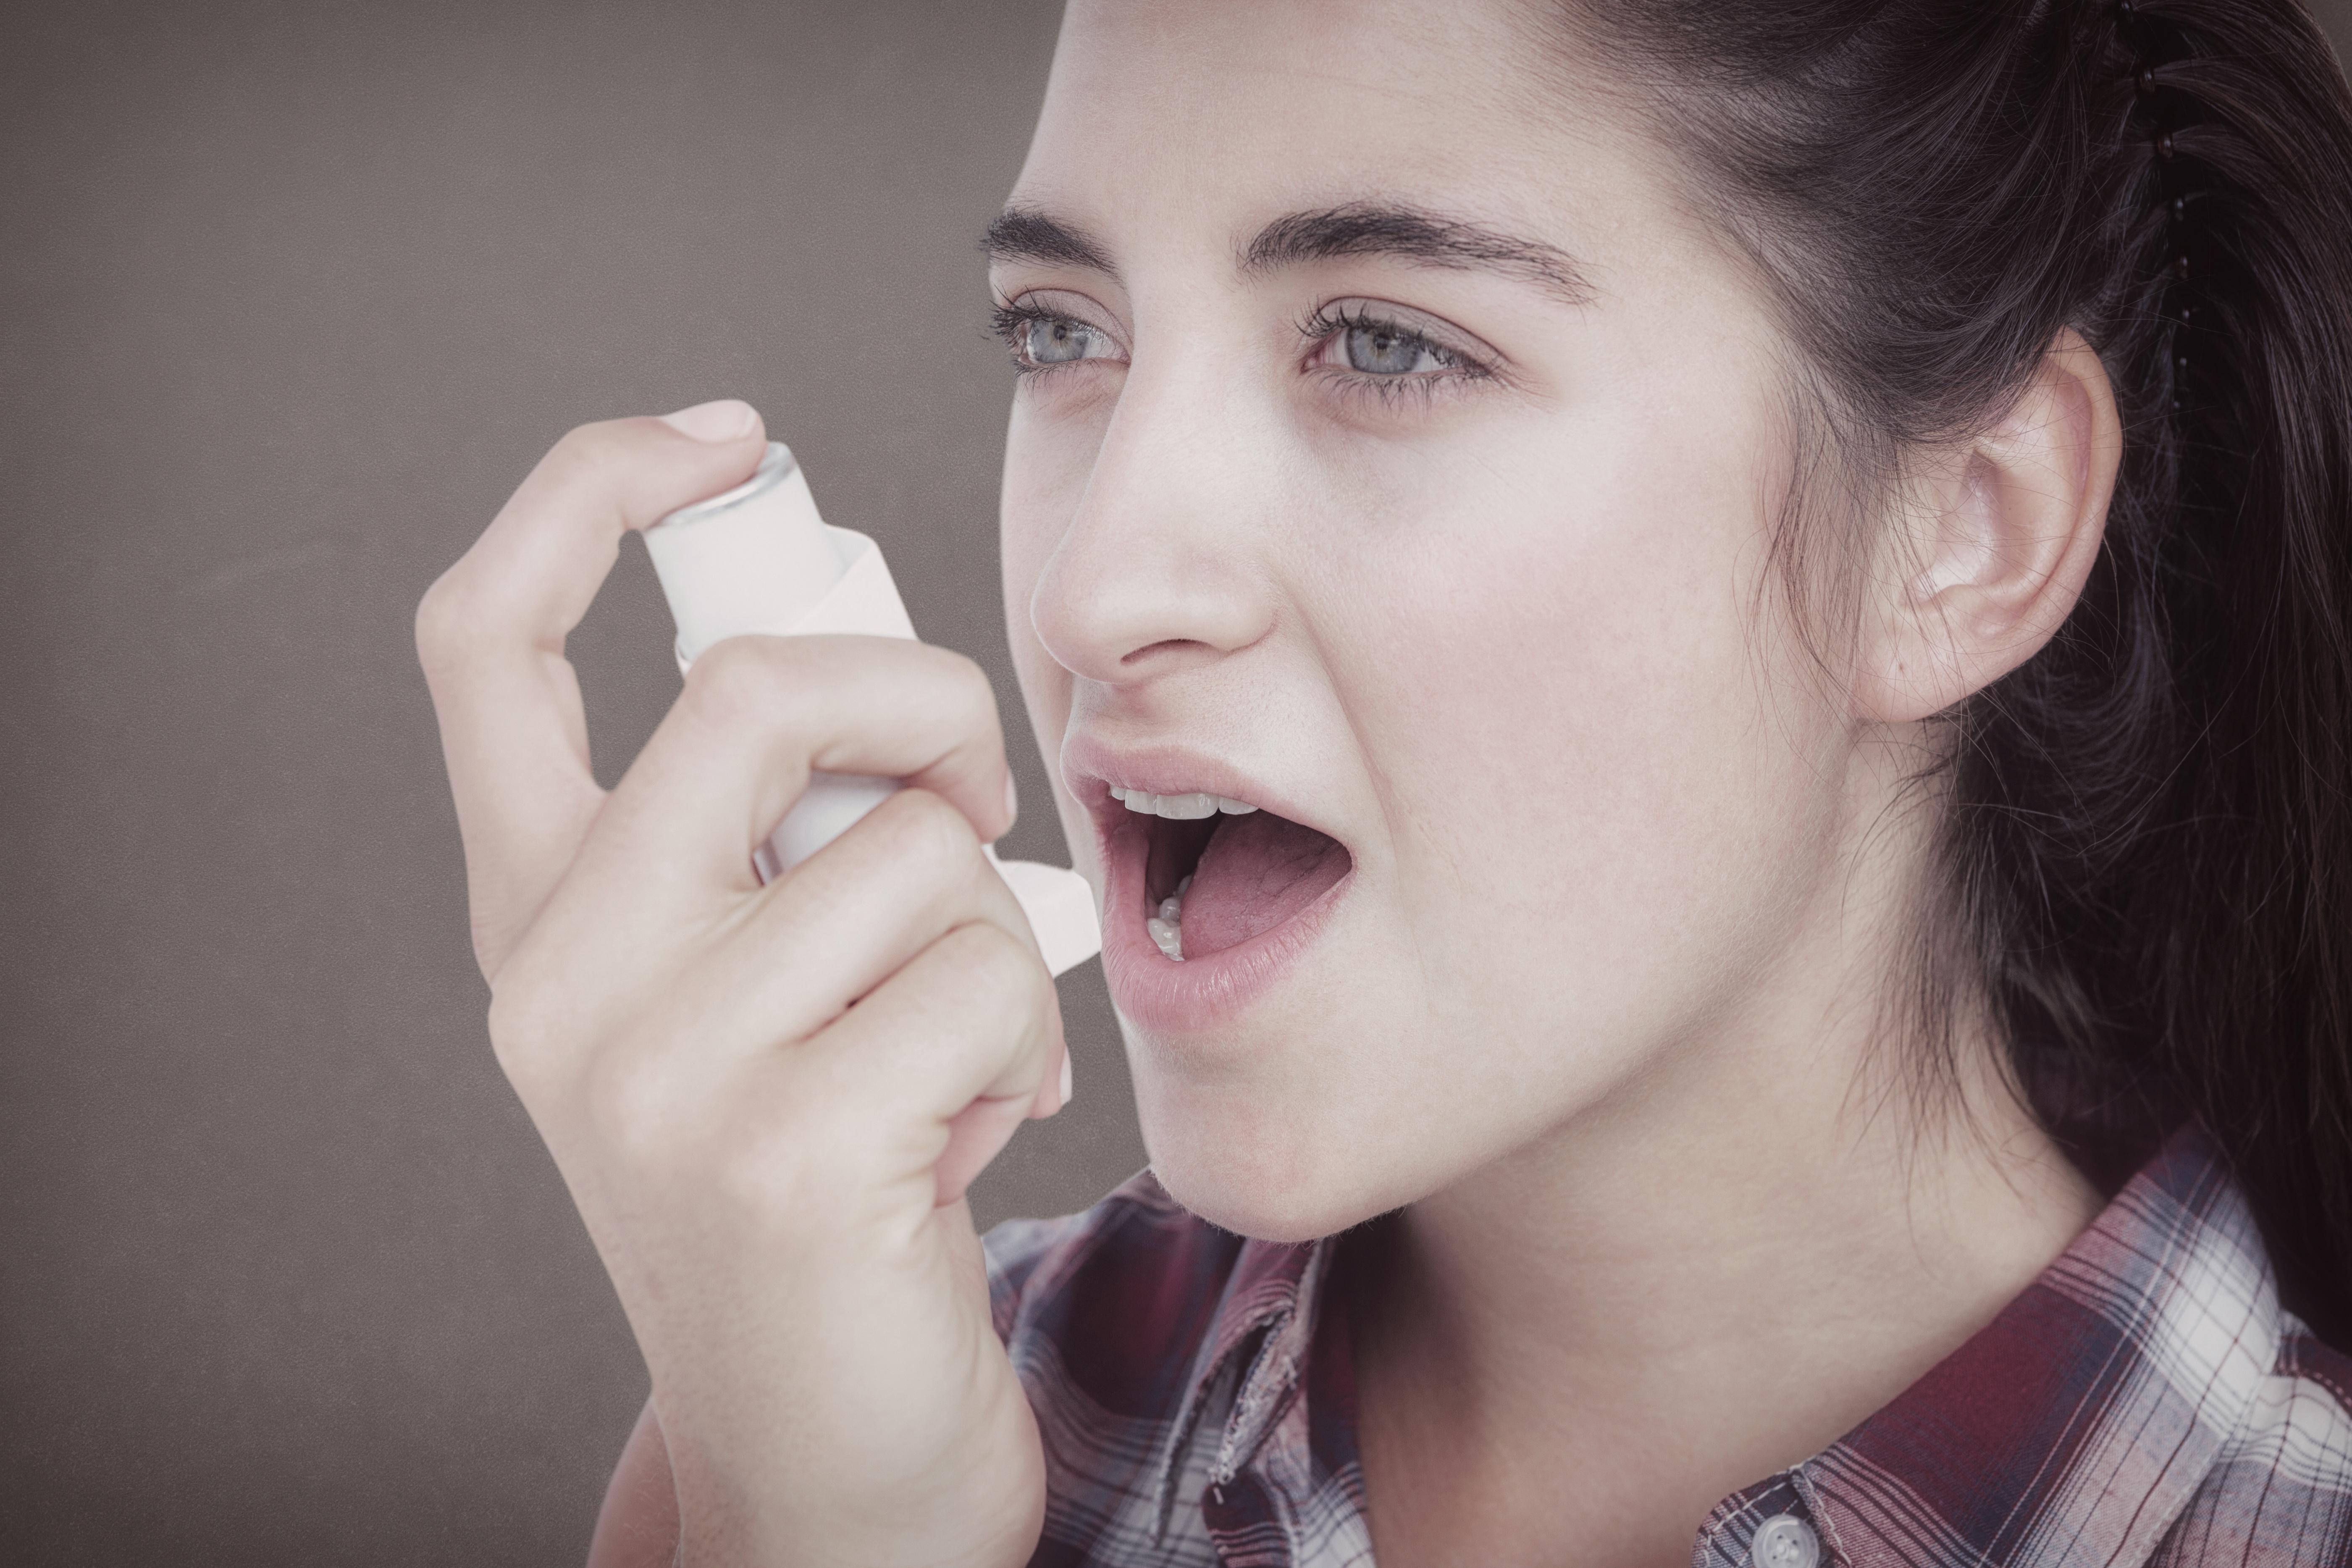 Låginkomsttagare löper 60 procent större risk att drabbas av astma än höginkomsttagare.